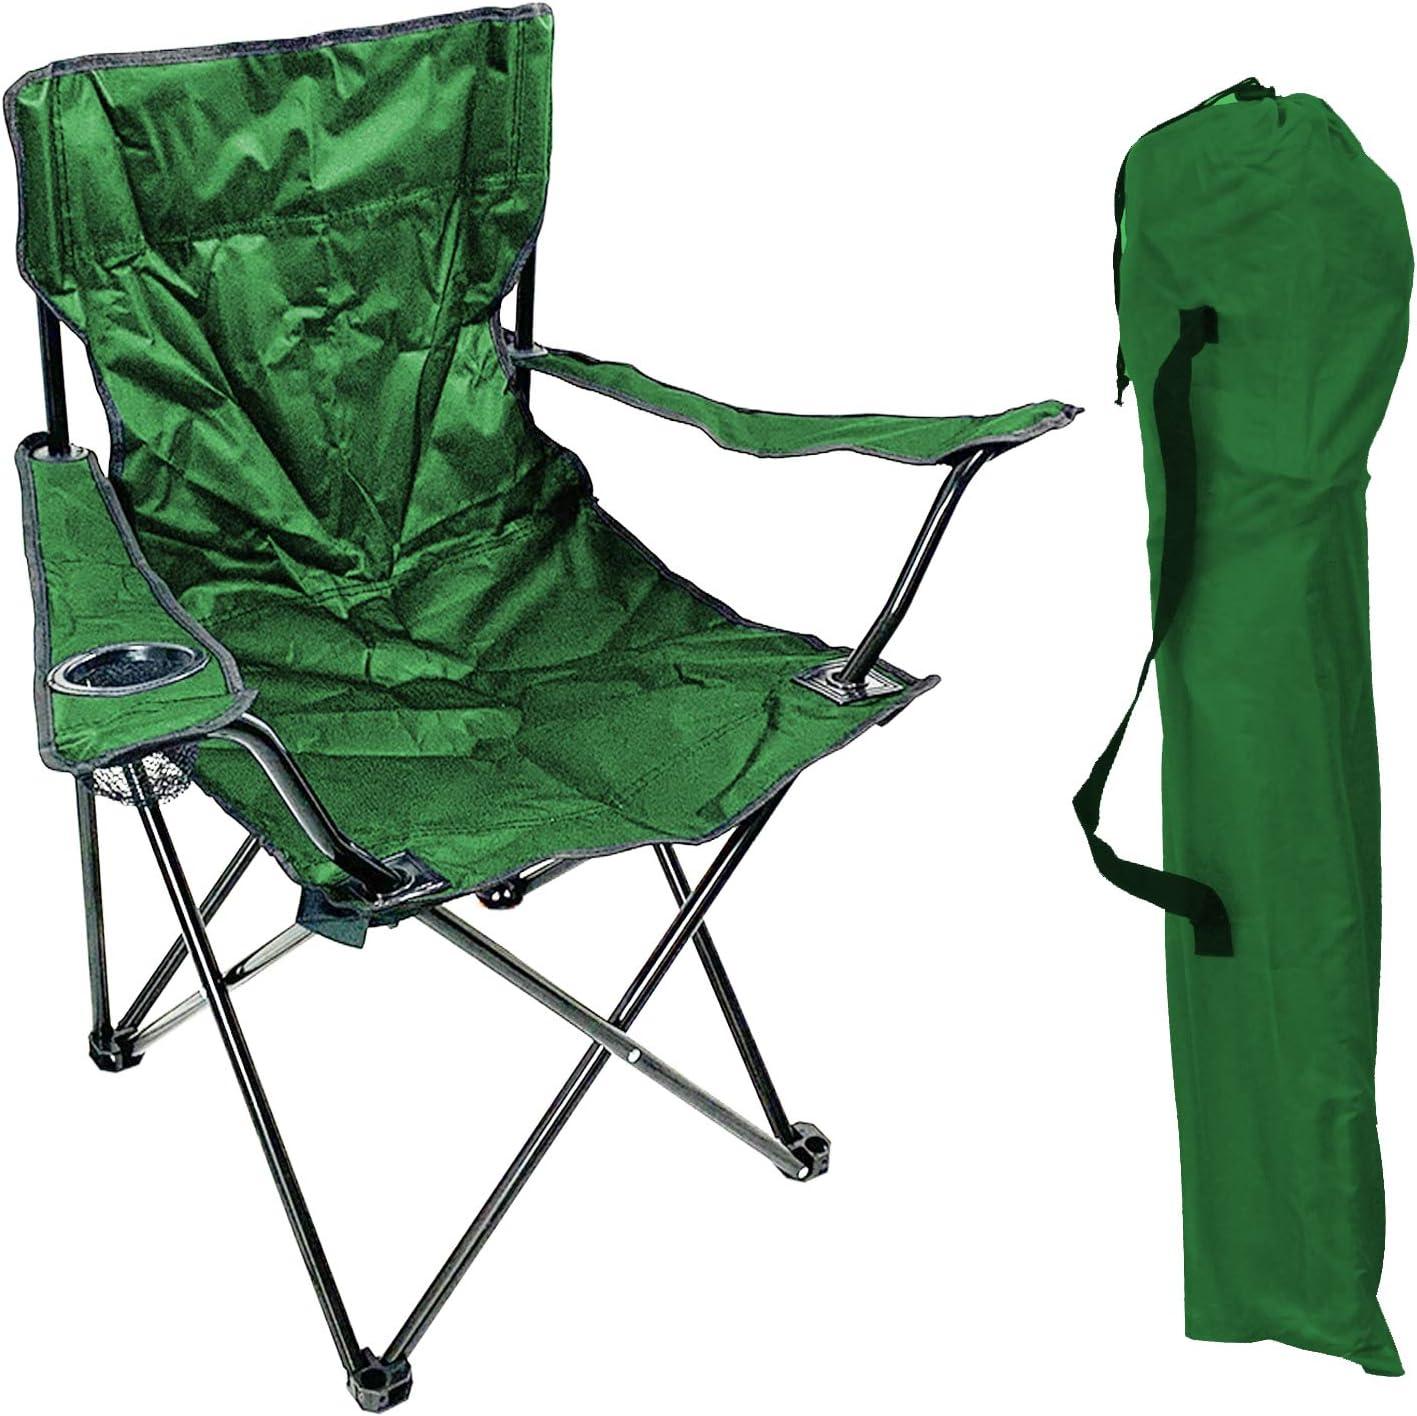 Pesca Sill/ón Silla de camping silla plegable Pesca Silla de director/ /Silla verde con soporte para bebidas y funda